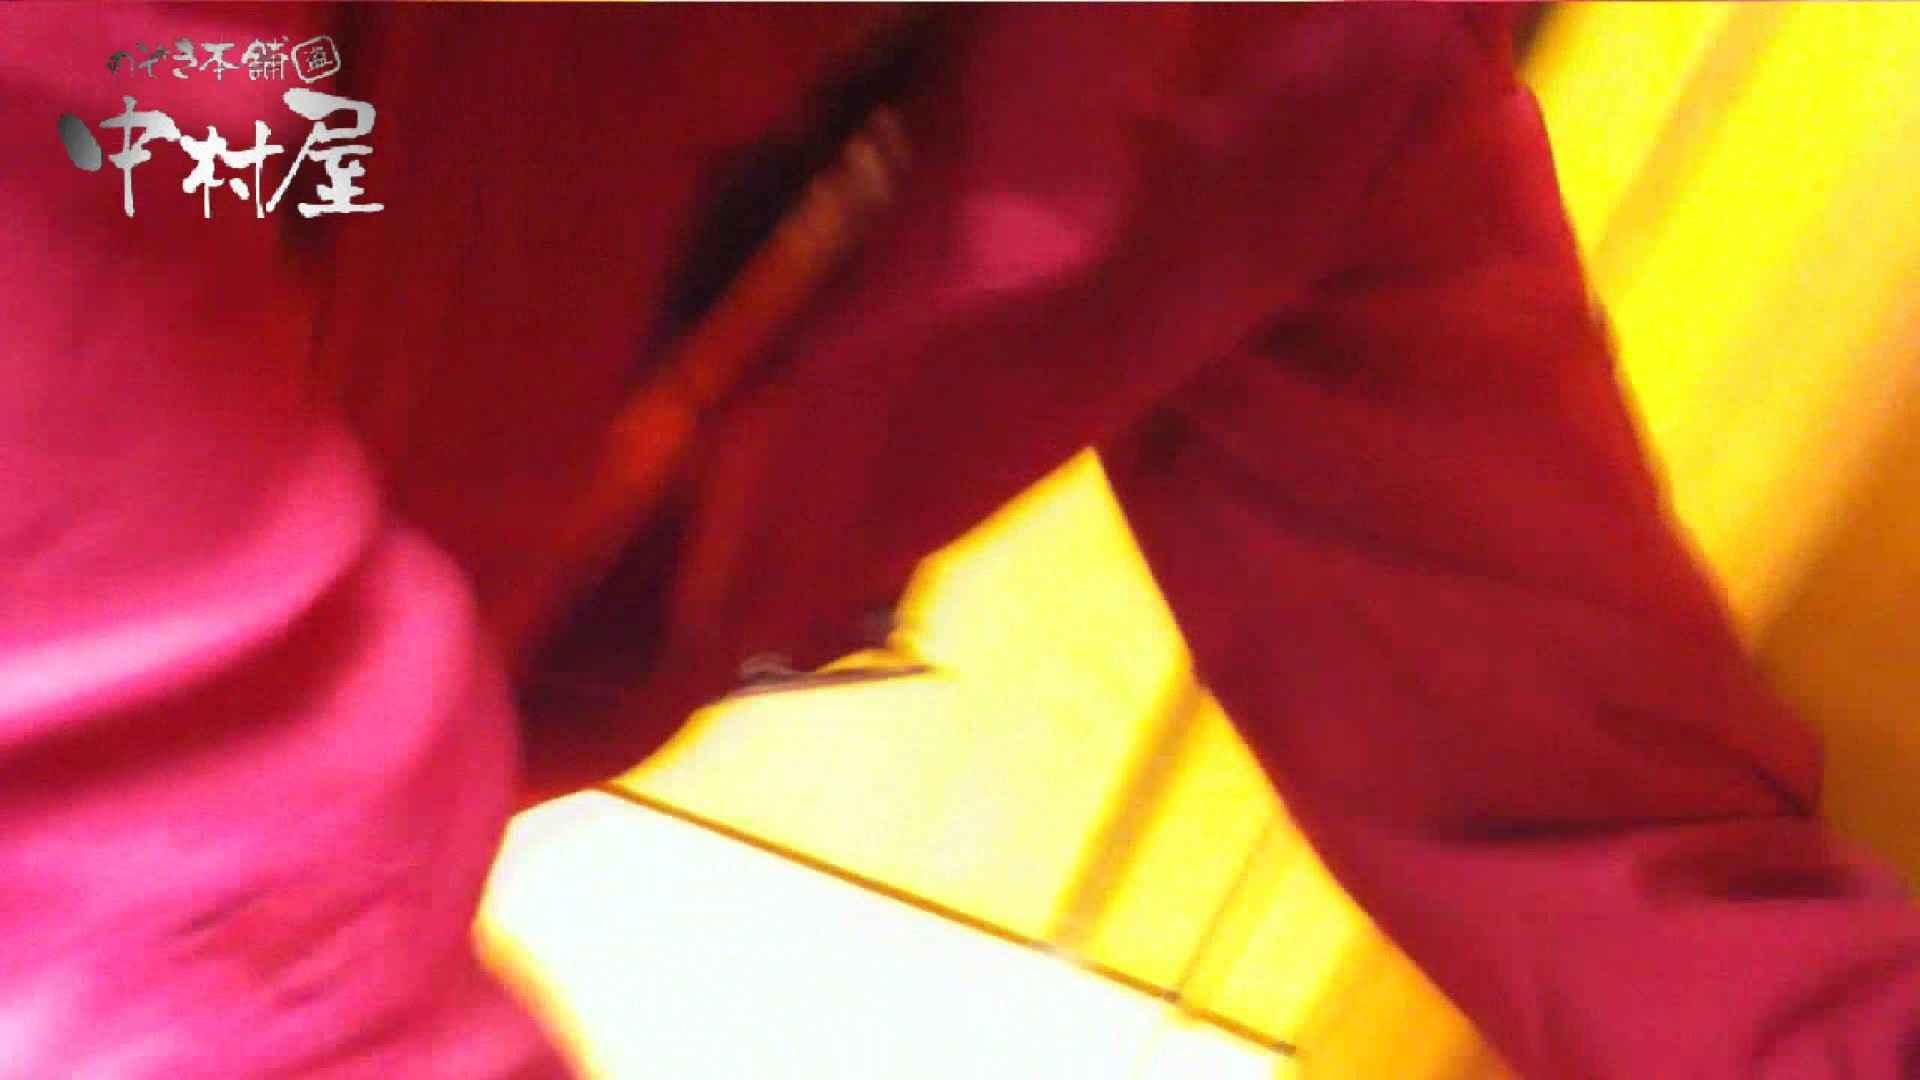 vol.48可愛いカリスマ店員胸チラ&パンチラ アニメ声の店員さん OLセックス 盗撮戯れ無修正画像 110画像 47